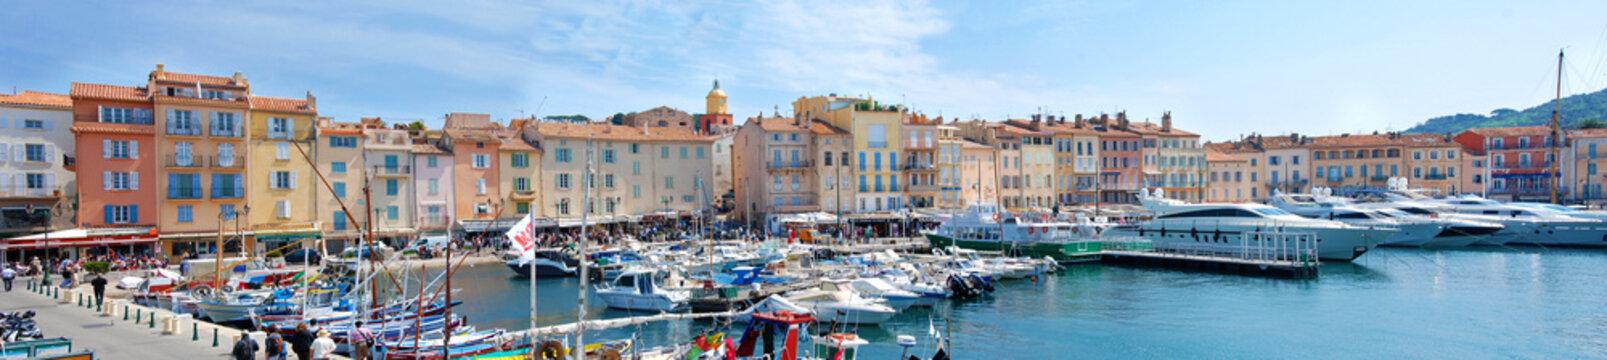 Hafen in der Bucht von Saint-Tropez, Panorama